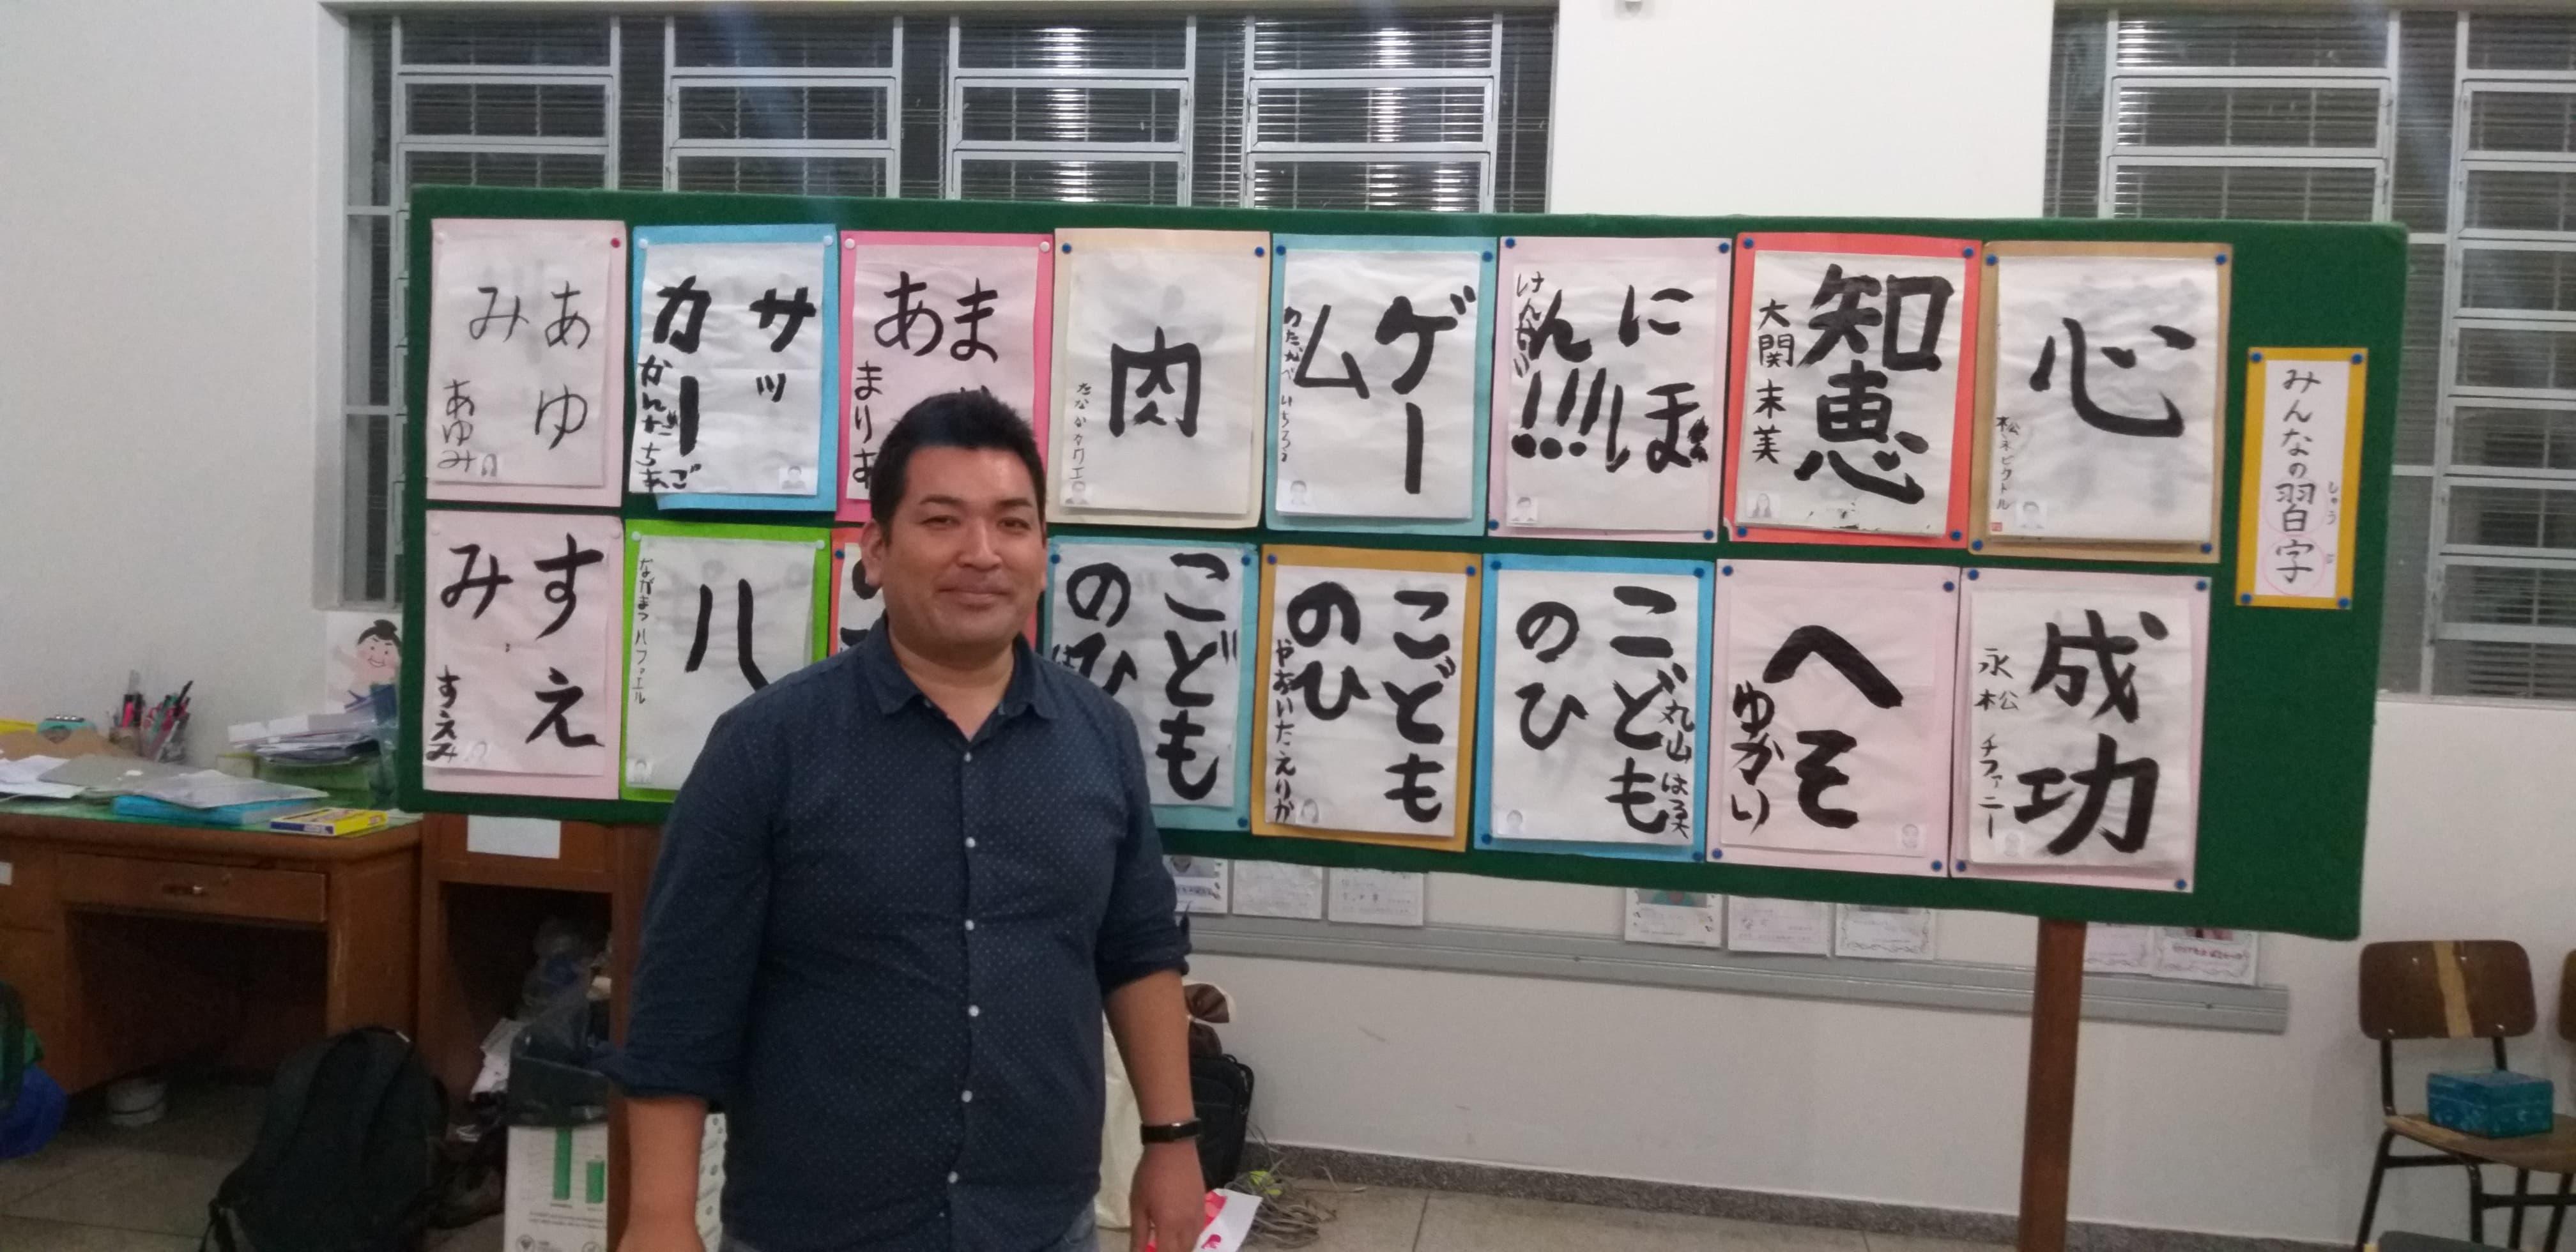 Mirandópolis e Takaoka, uma relação de cidade coirmãs